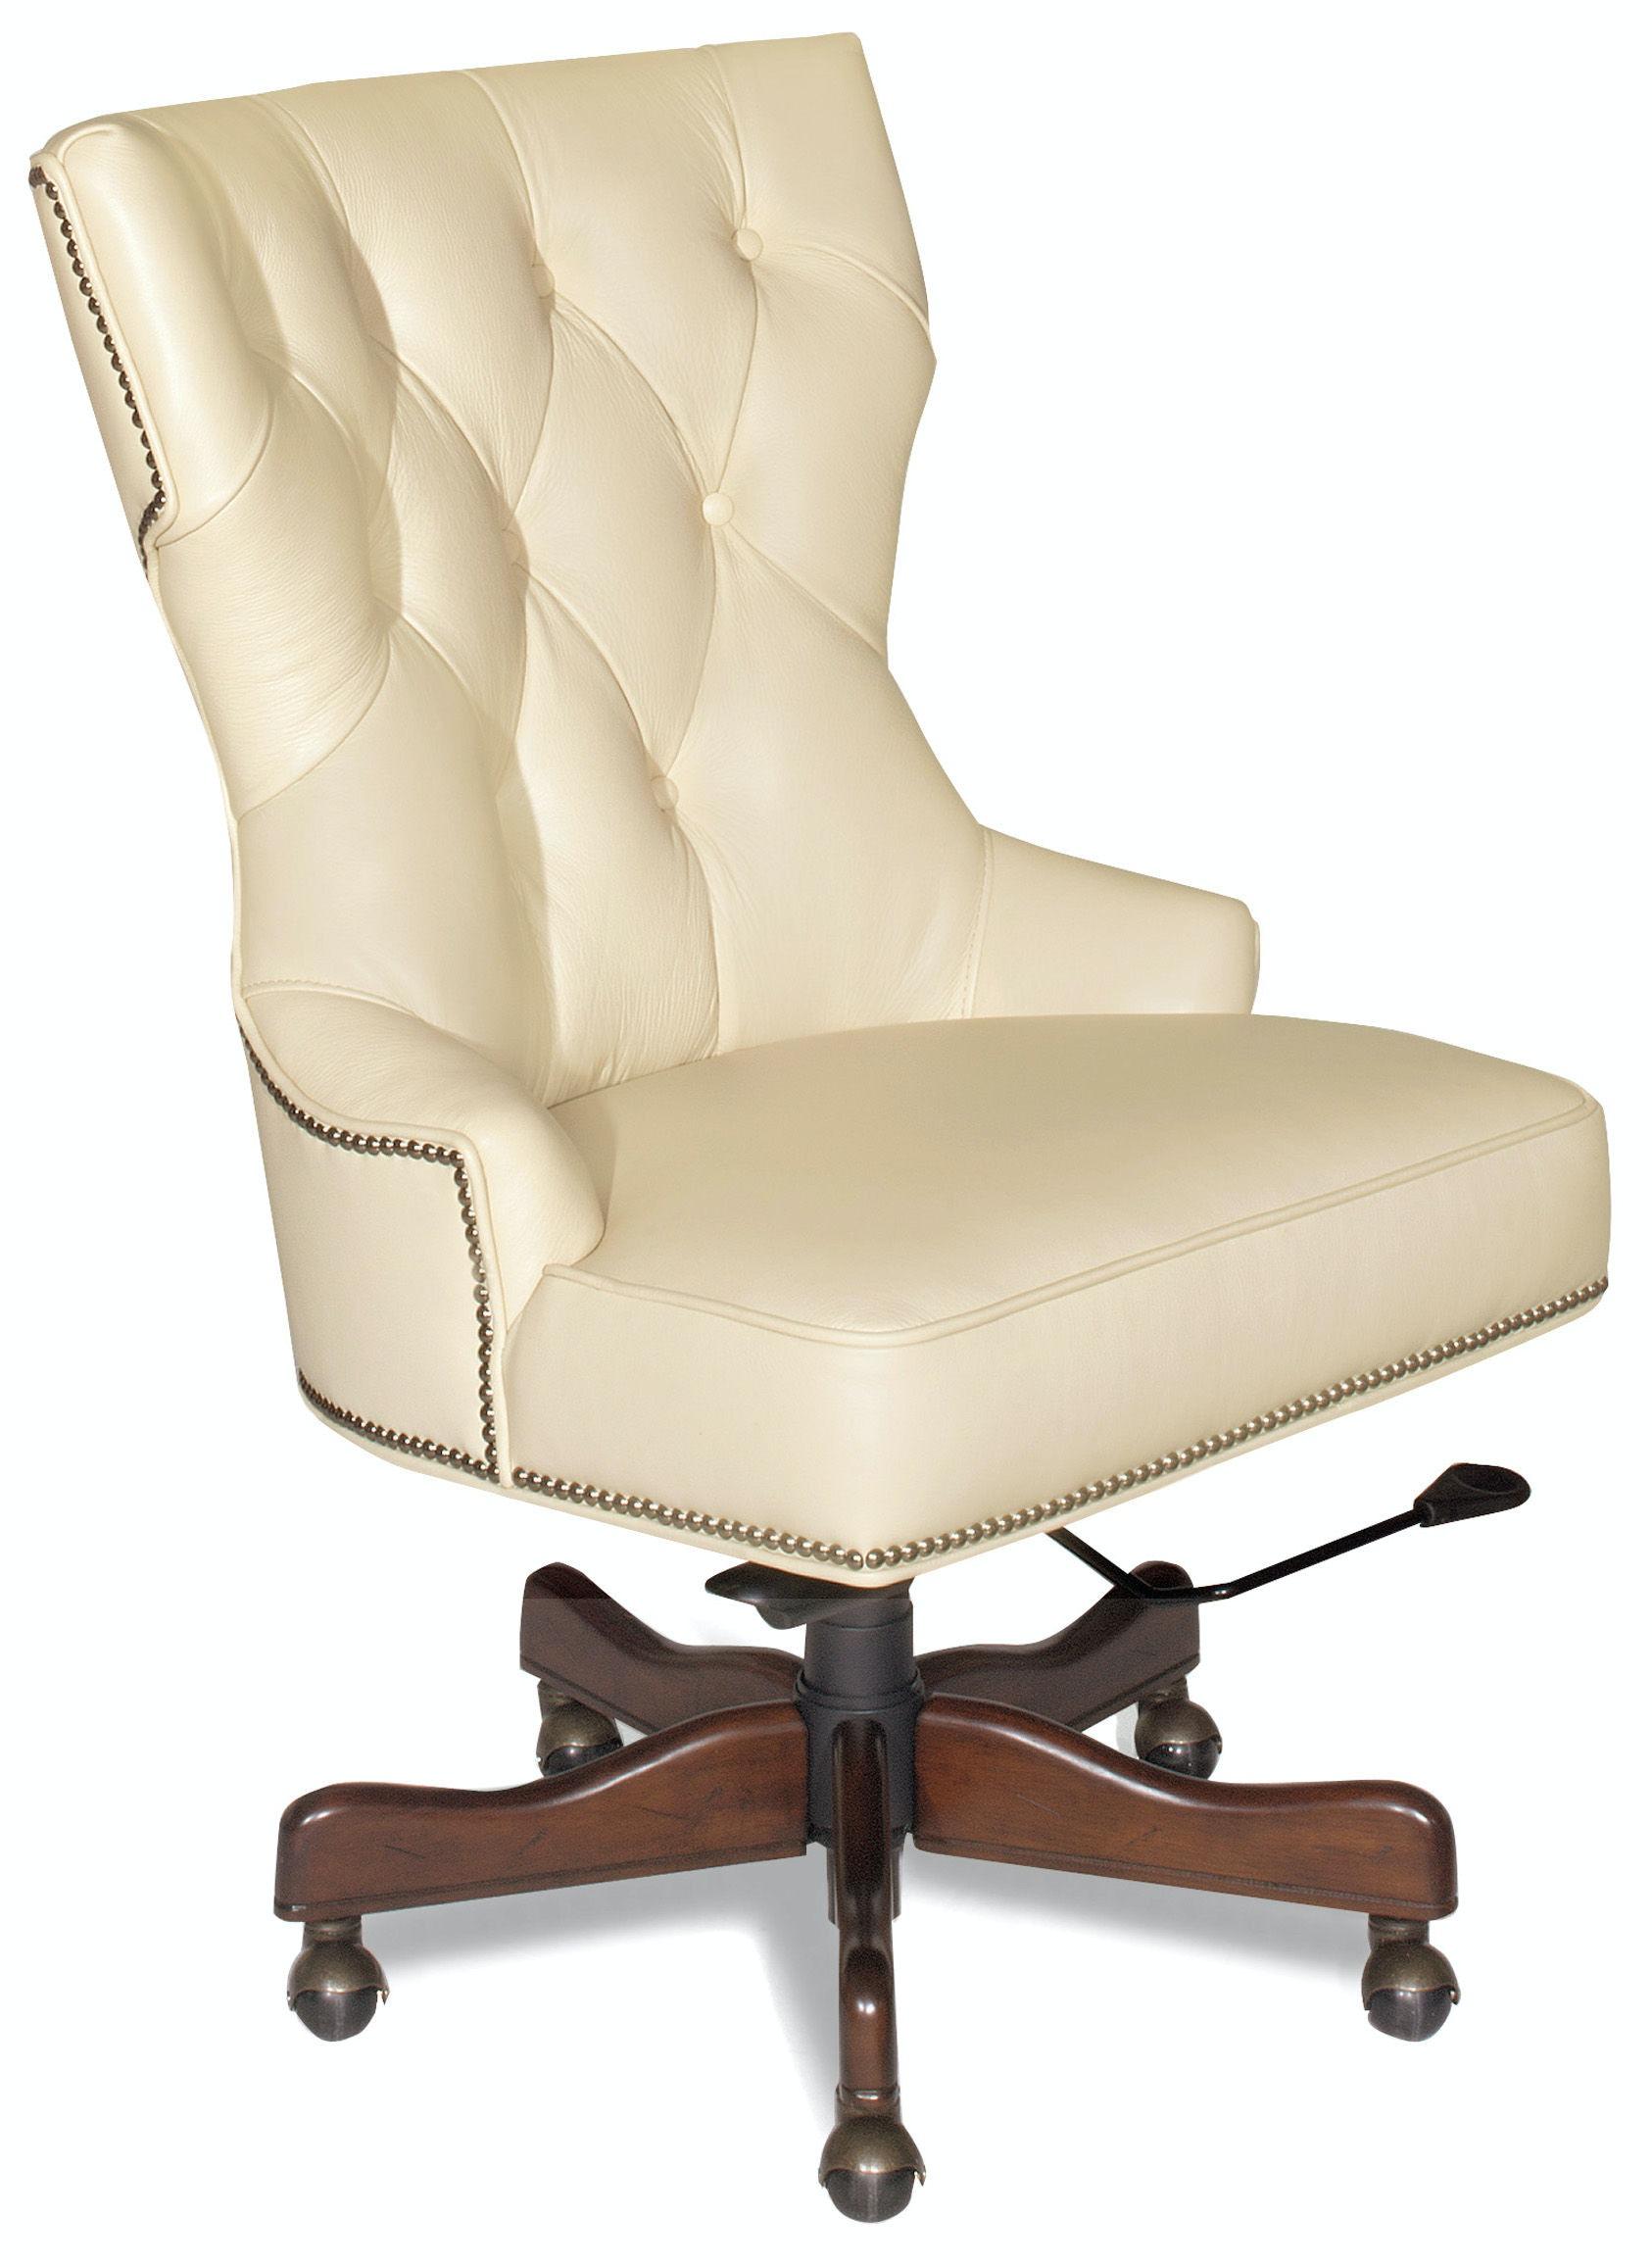 Elegant Hooker Furniture Primm Desk Chair EC379 081